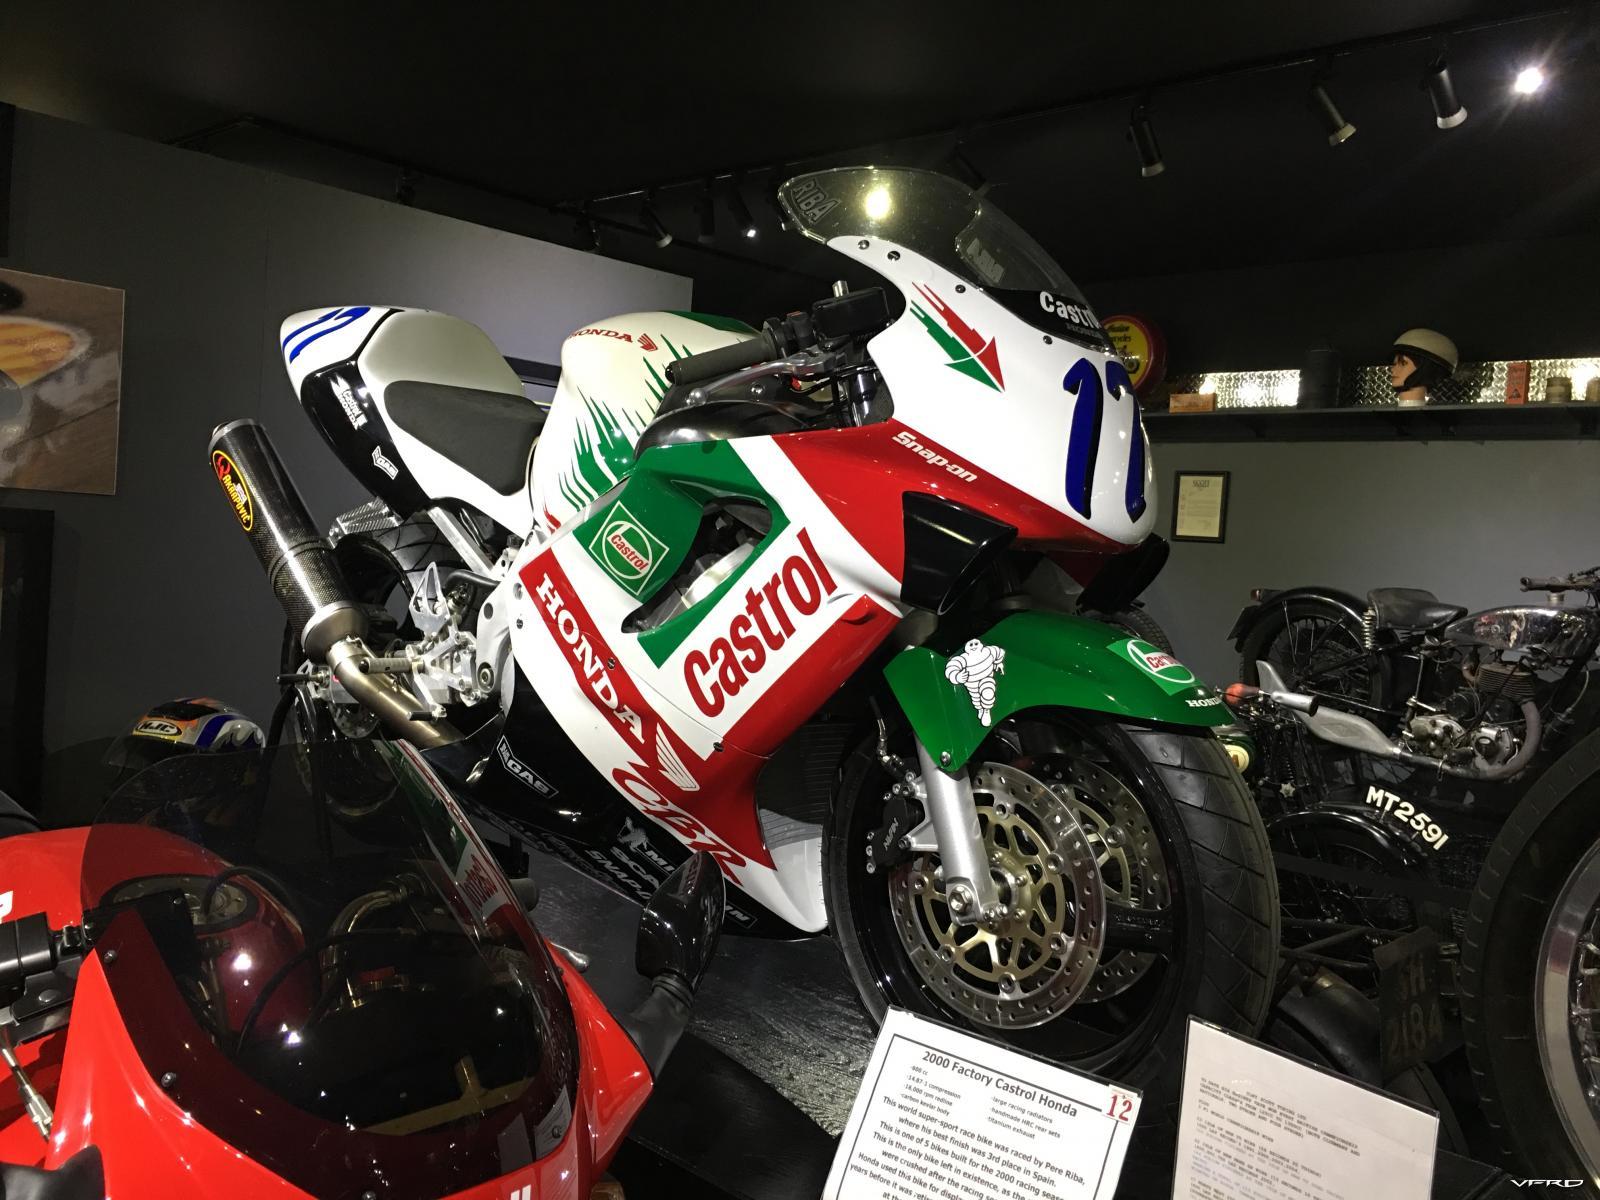 2000 Factory Castrol Honda